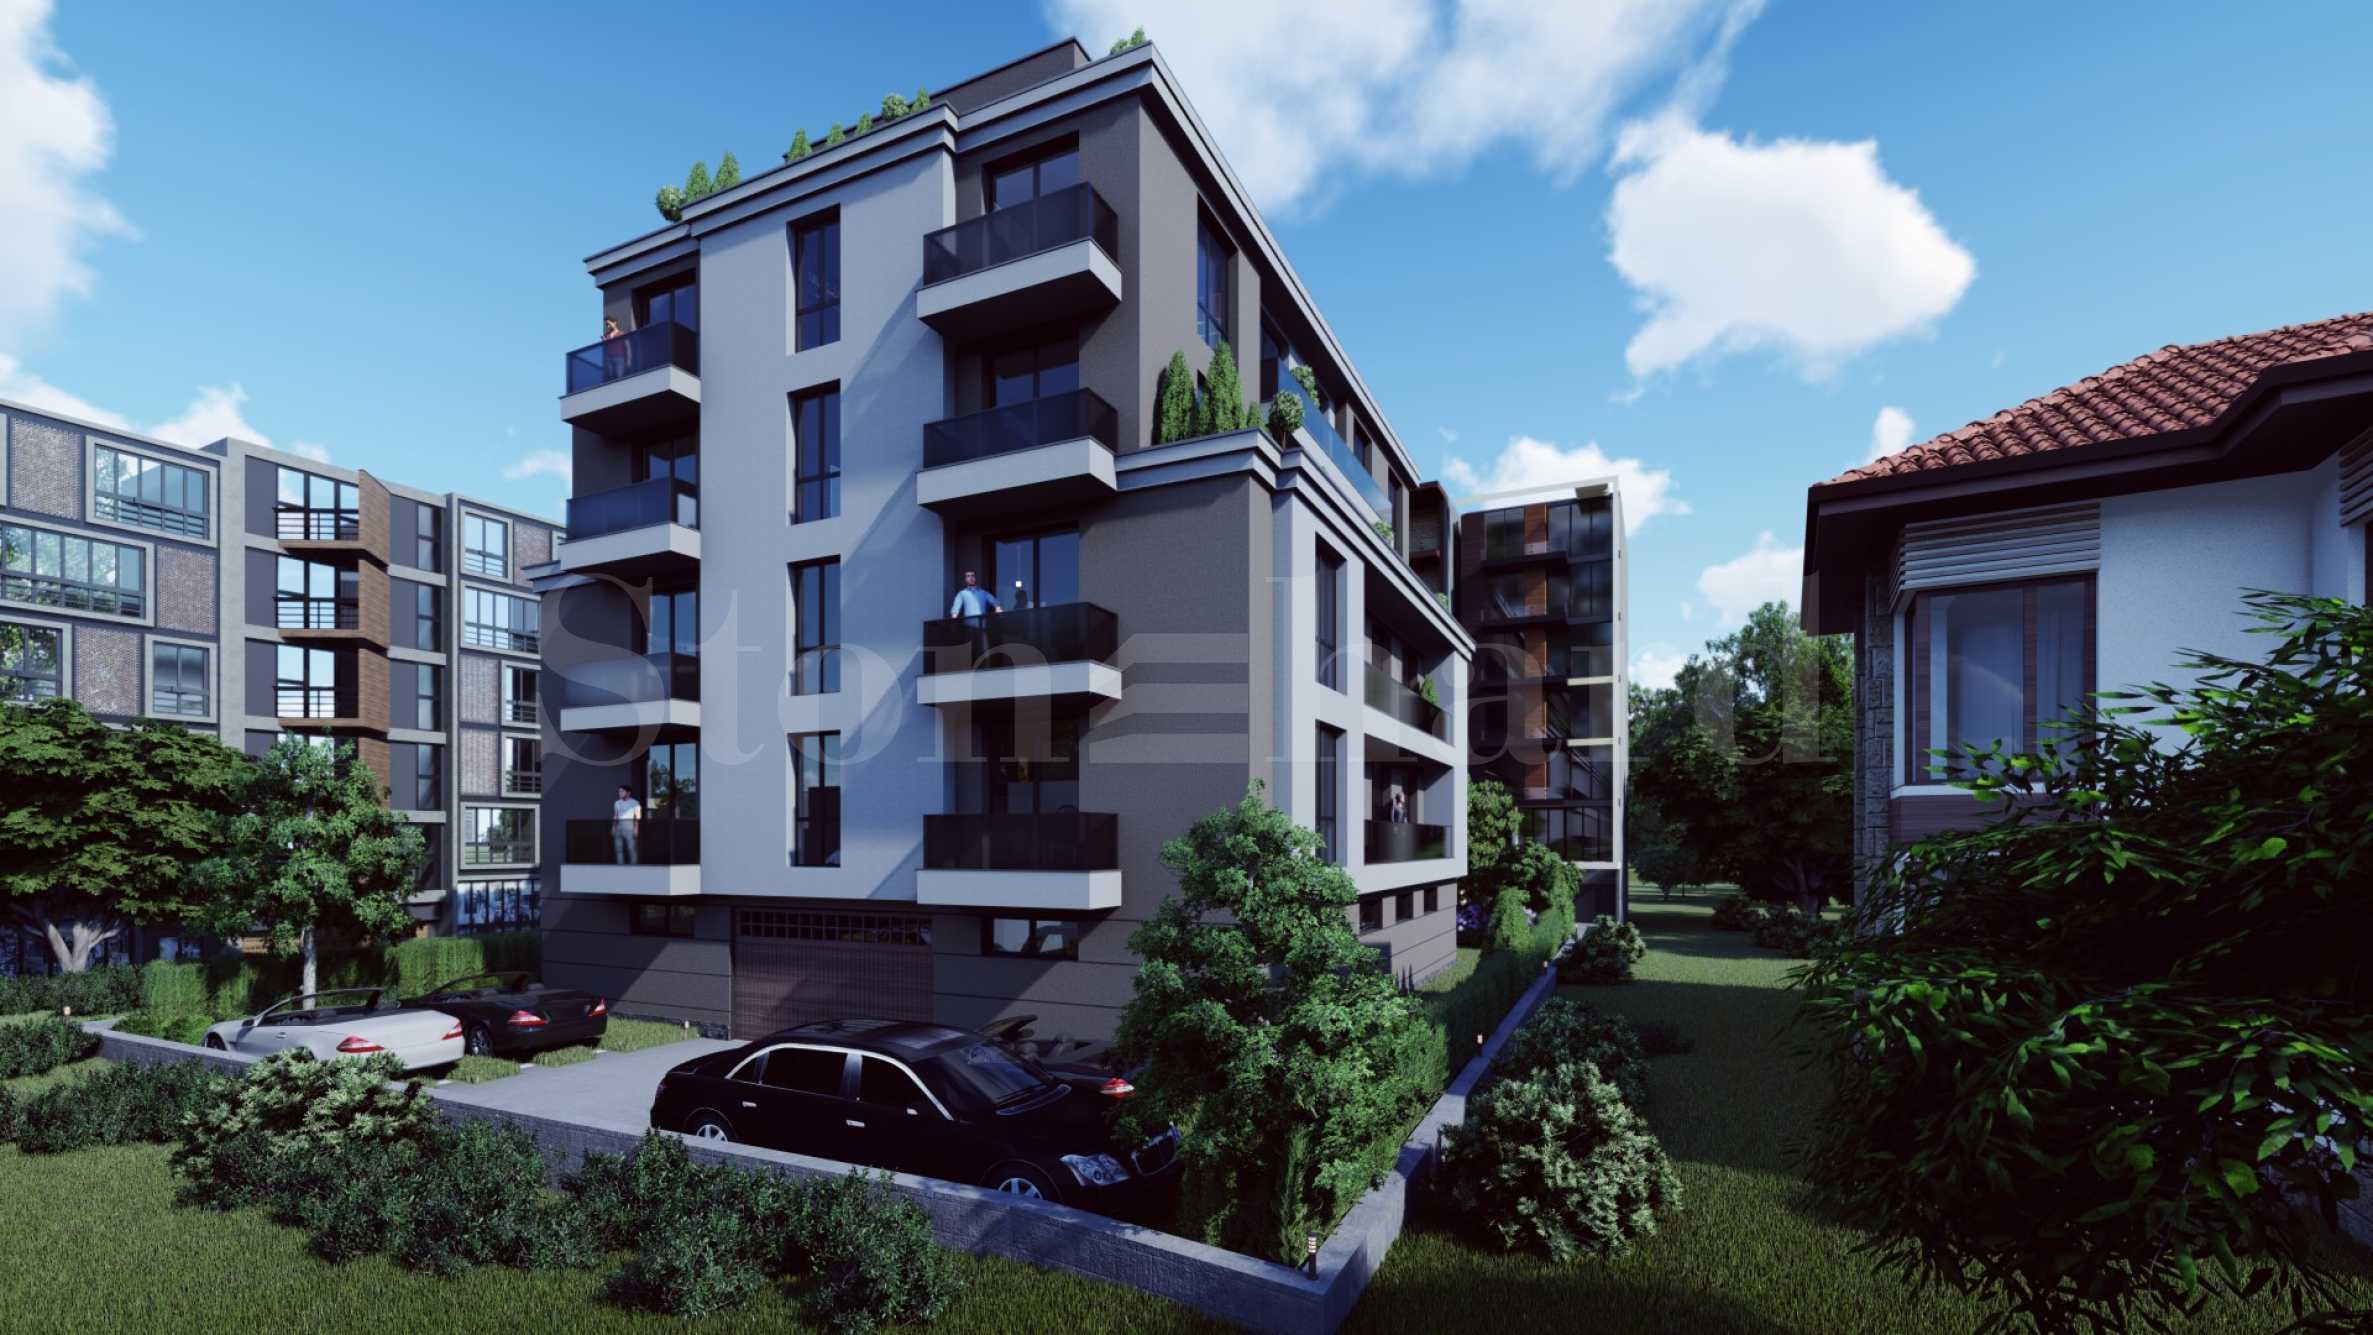 Бутикова жилищна сграда с озеленен двор в комуникативен район 2 - Stonehard